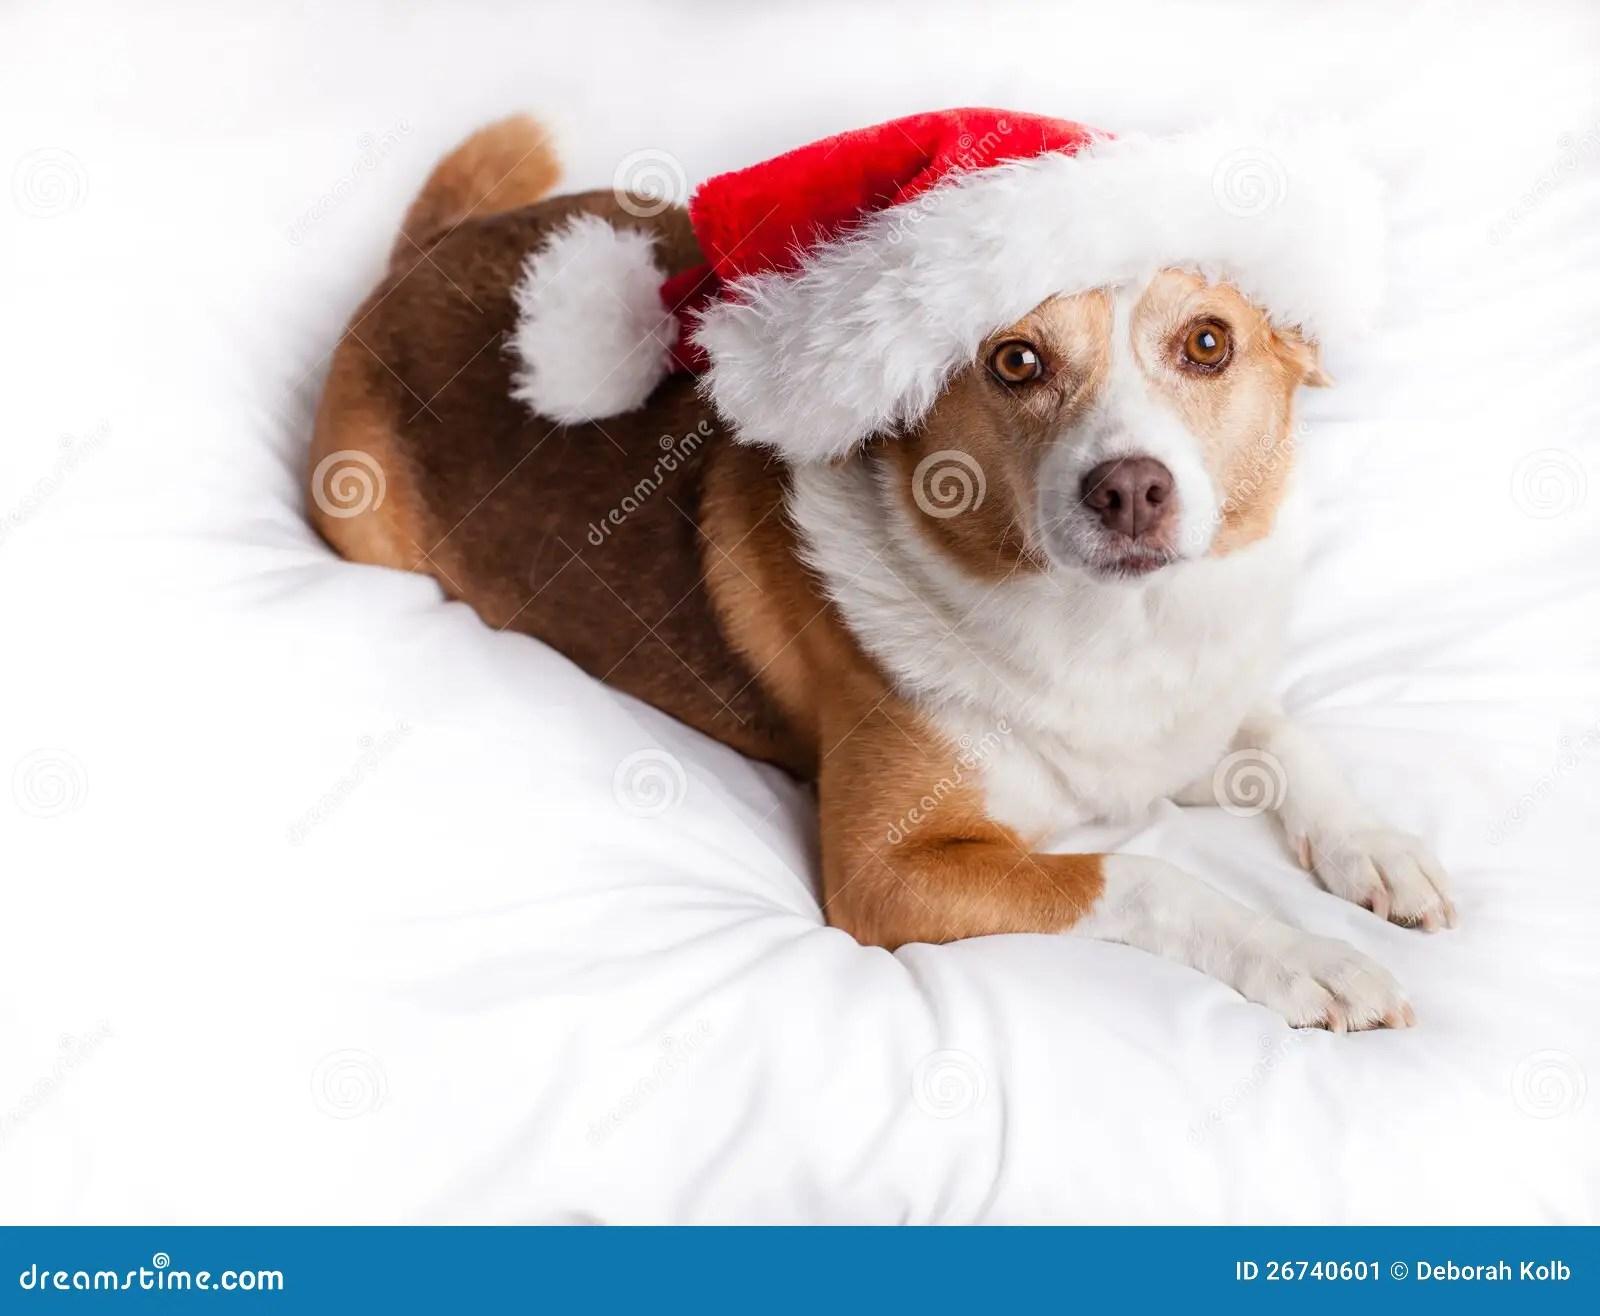 Merry Christmas Dog Stock Image Image 26740601